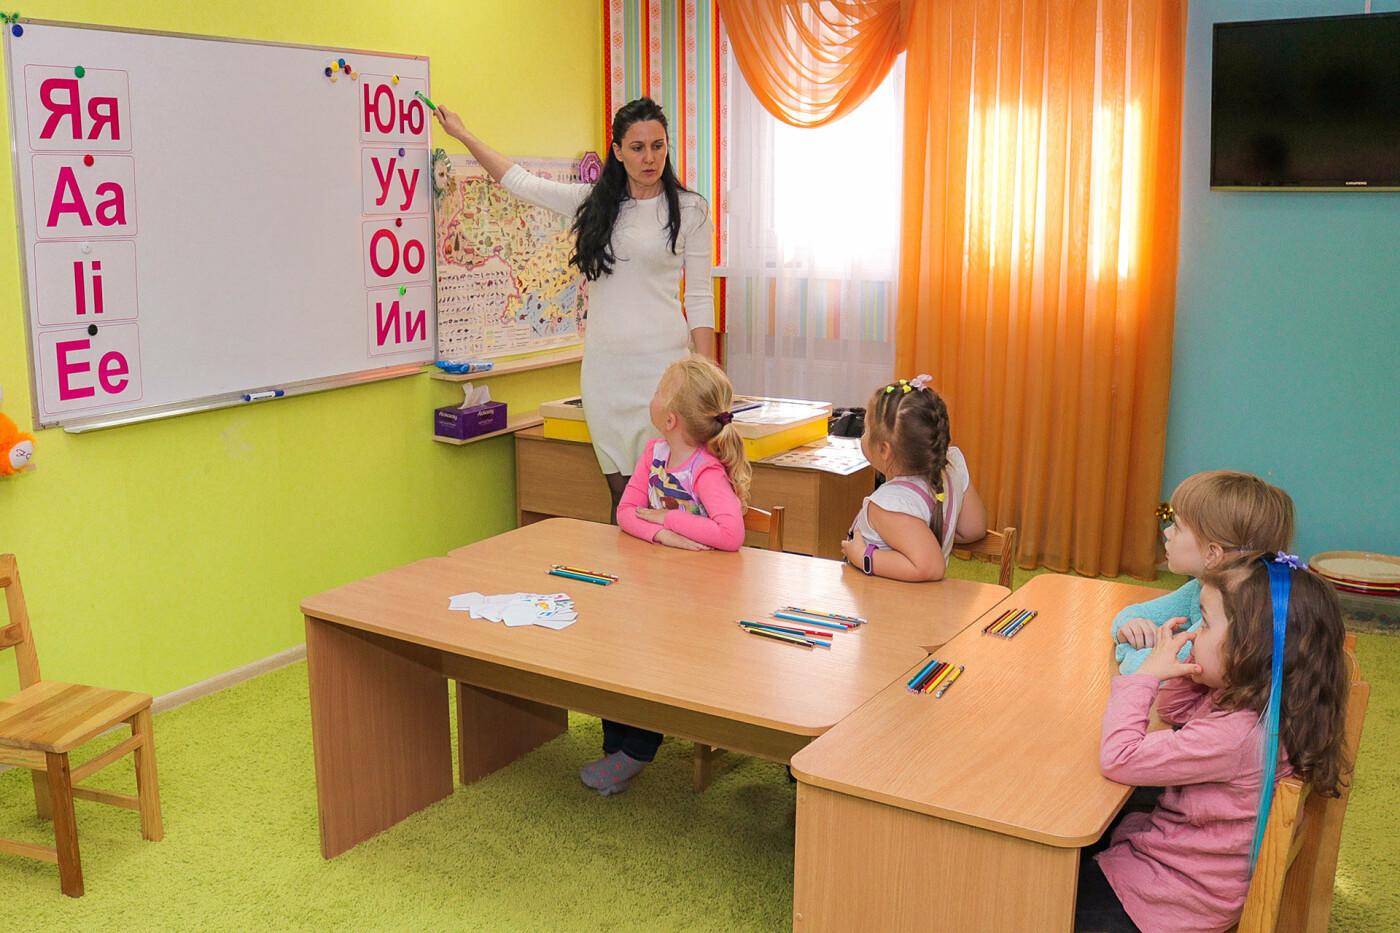 Развитие и образование ребенка в Киеве, фото-14